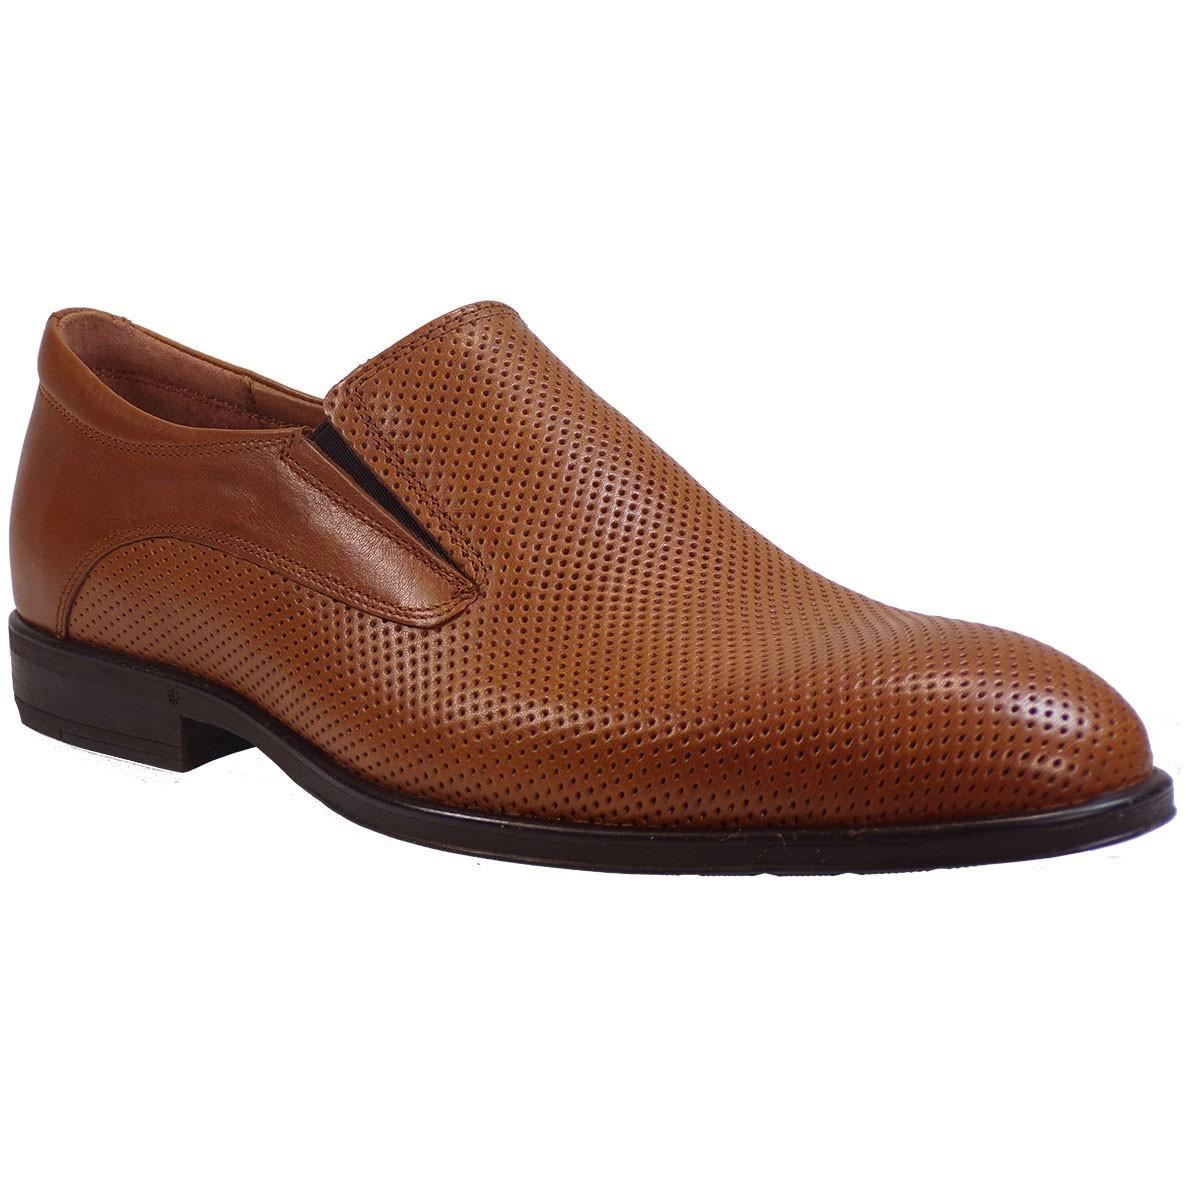 kricket Ανδρικά Παπούτσια 601Λ Ταμπά Δέρμα